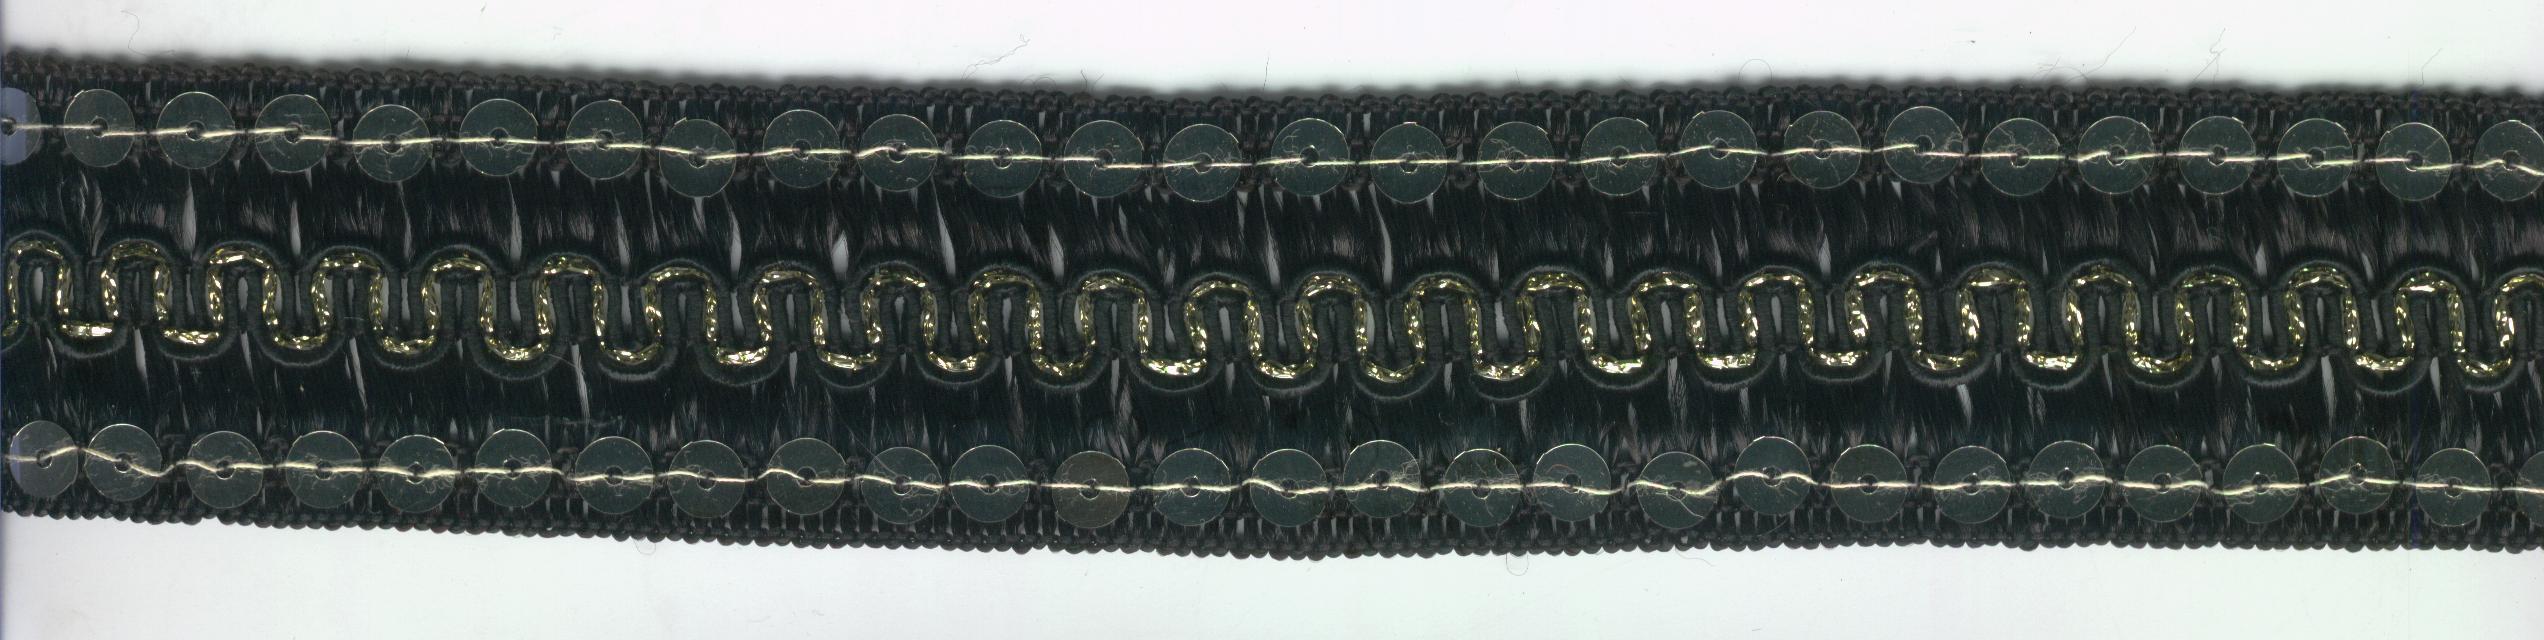 2470 black